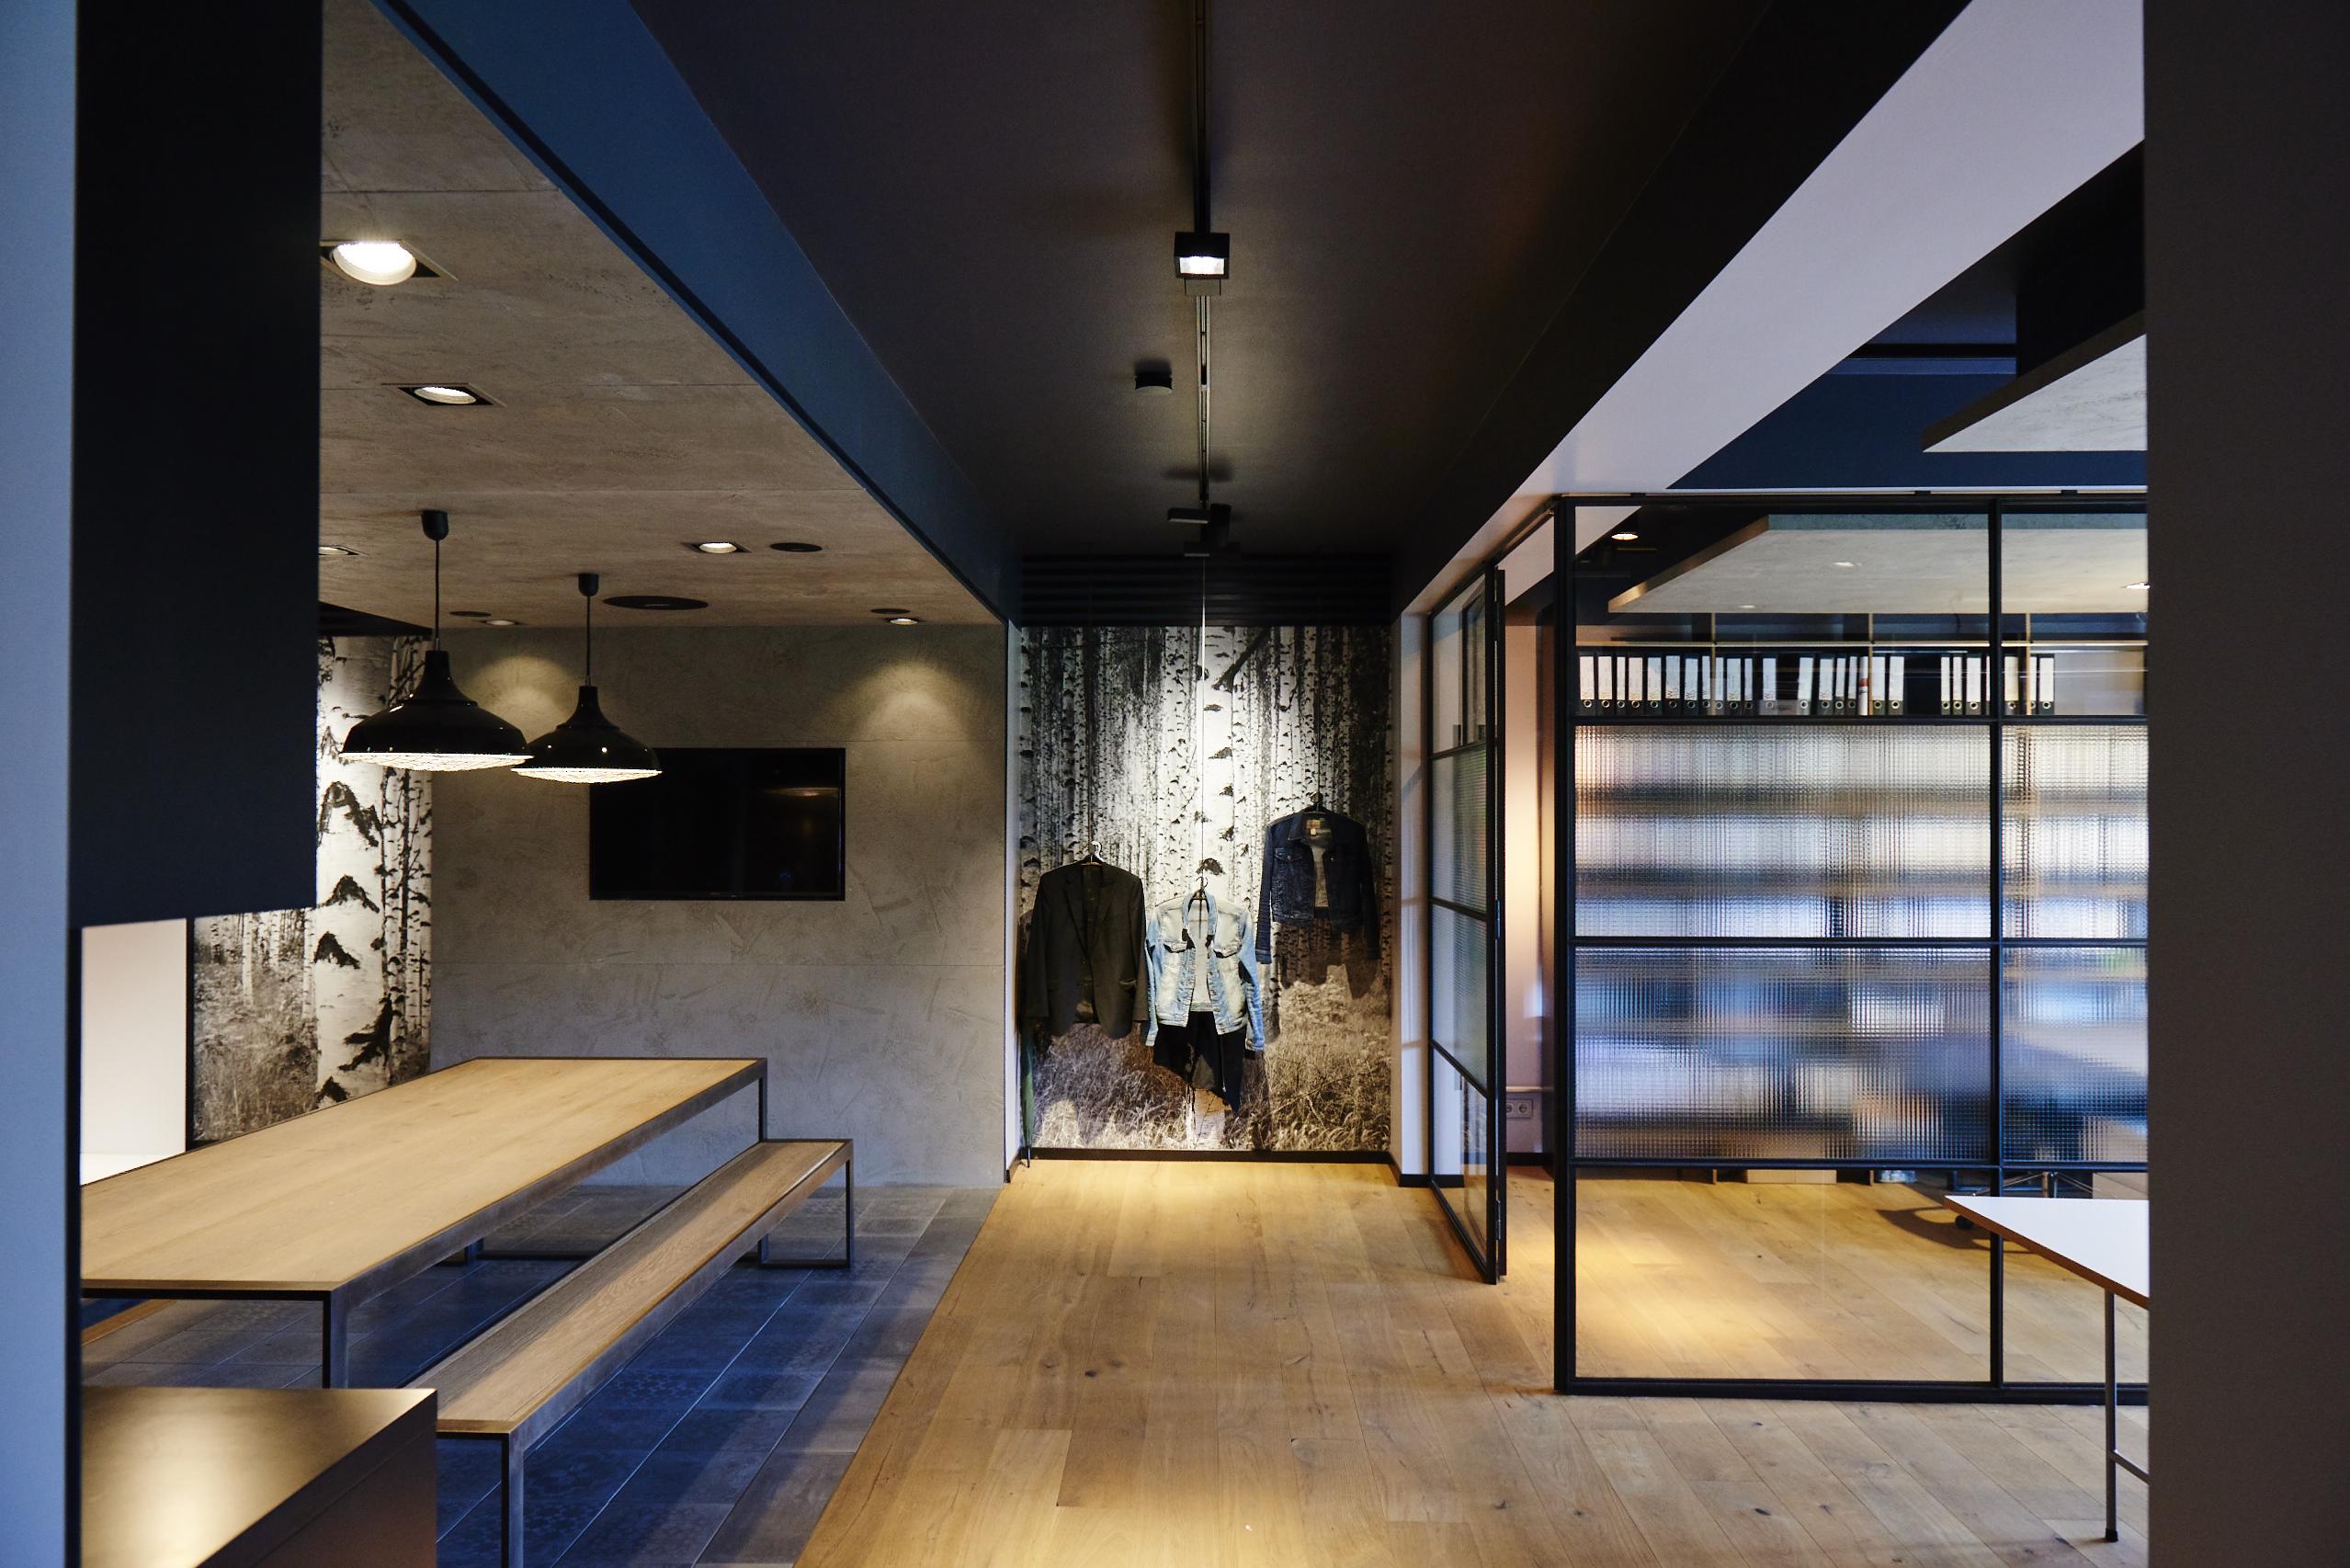 Architektur, Innenarchitektur, Markenarchitektur   w21 Architekten ...